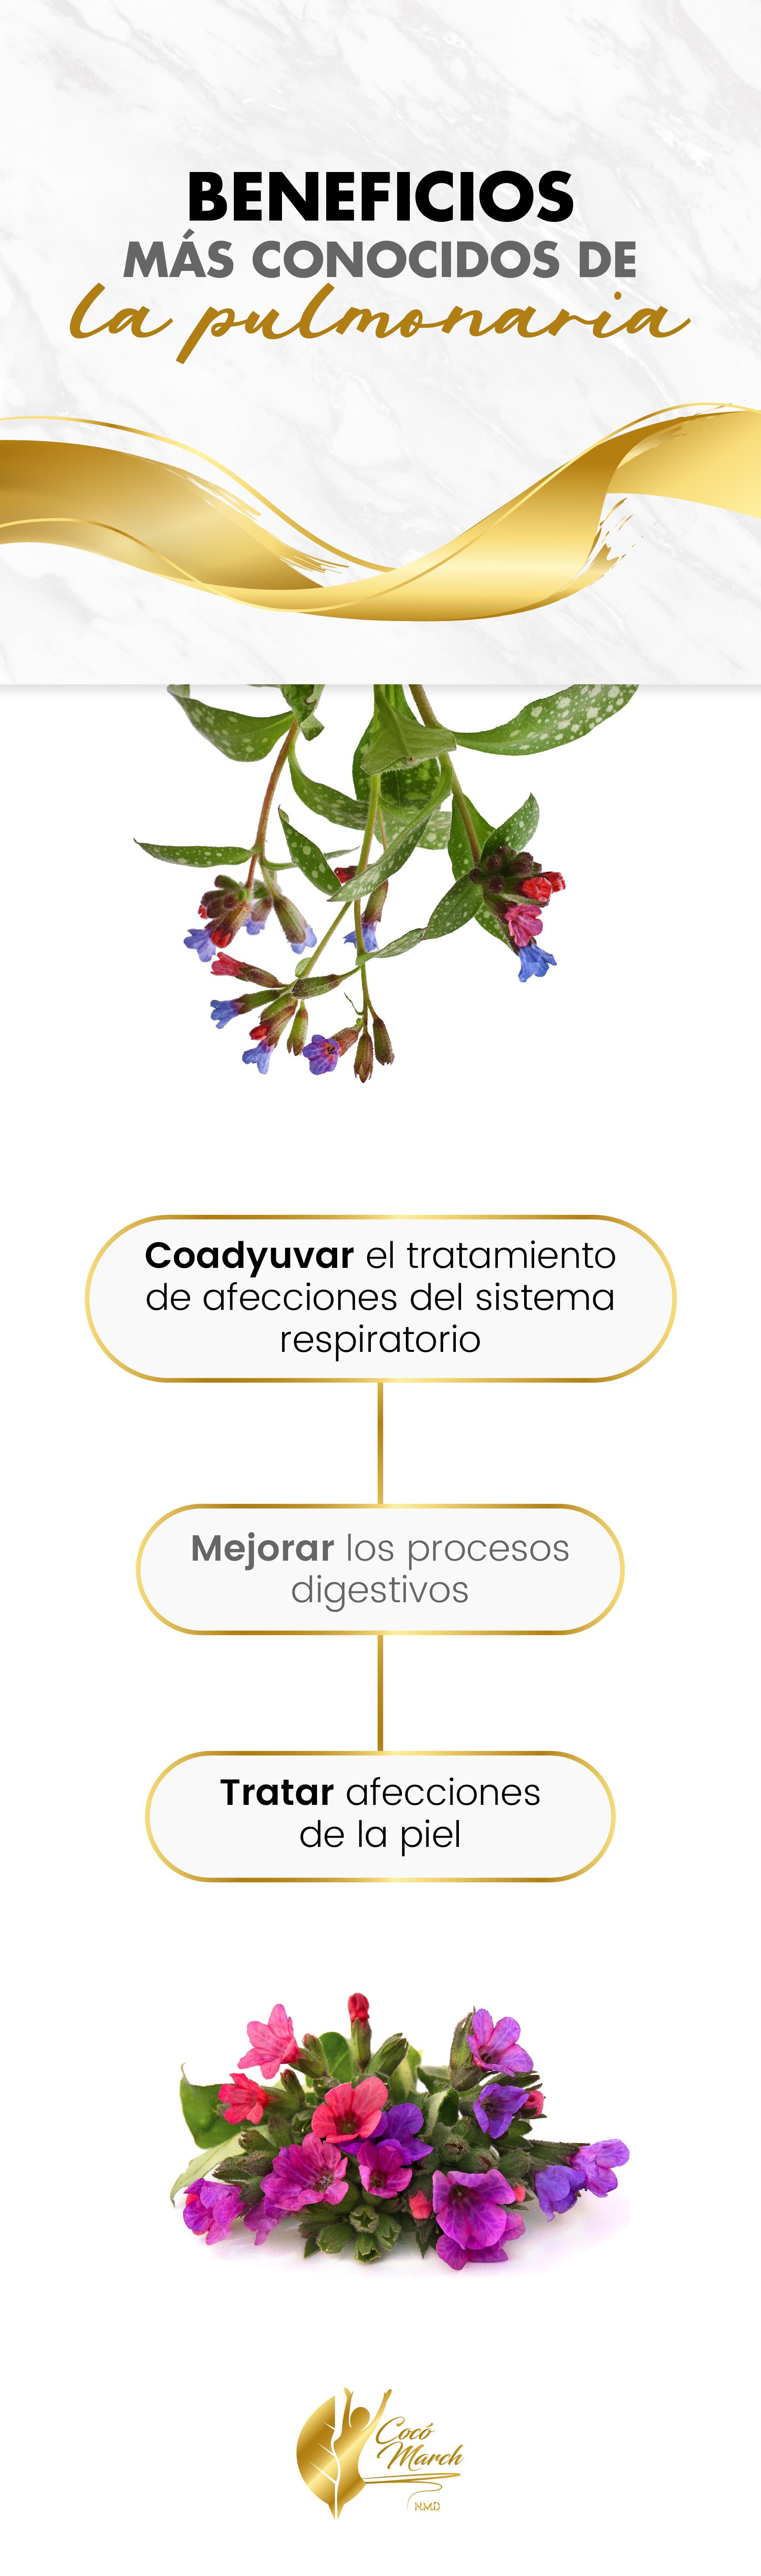 beneficios-de-la-pulmonaria